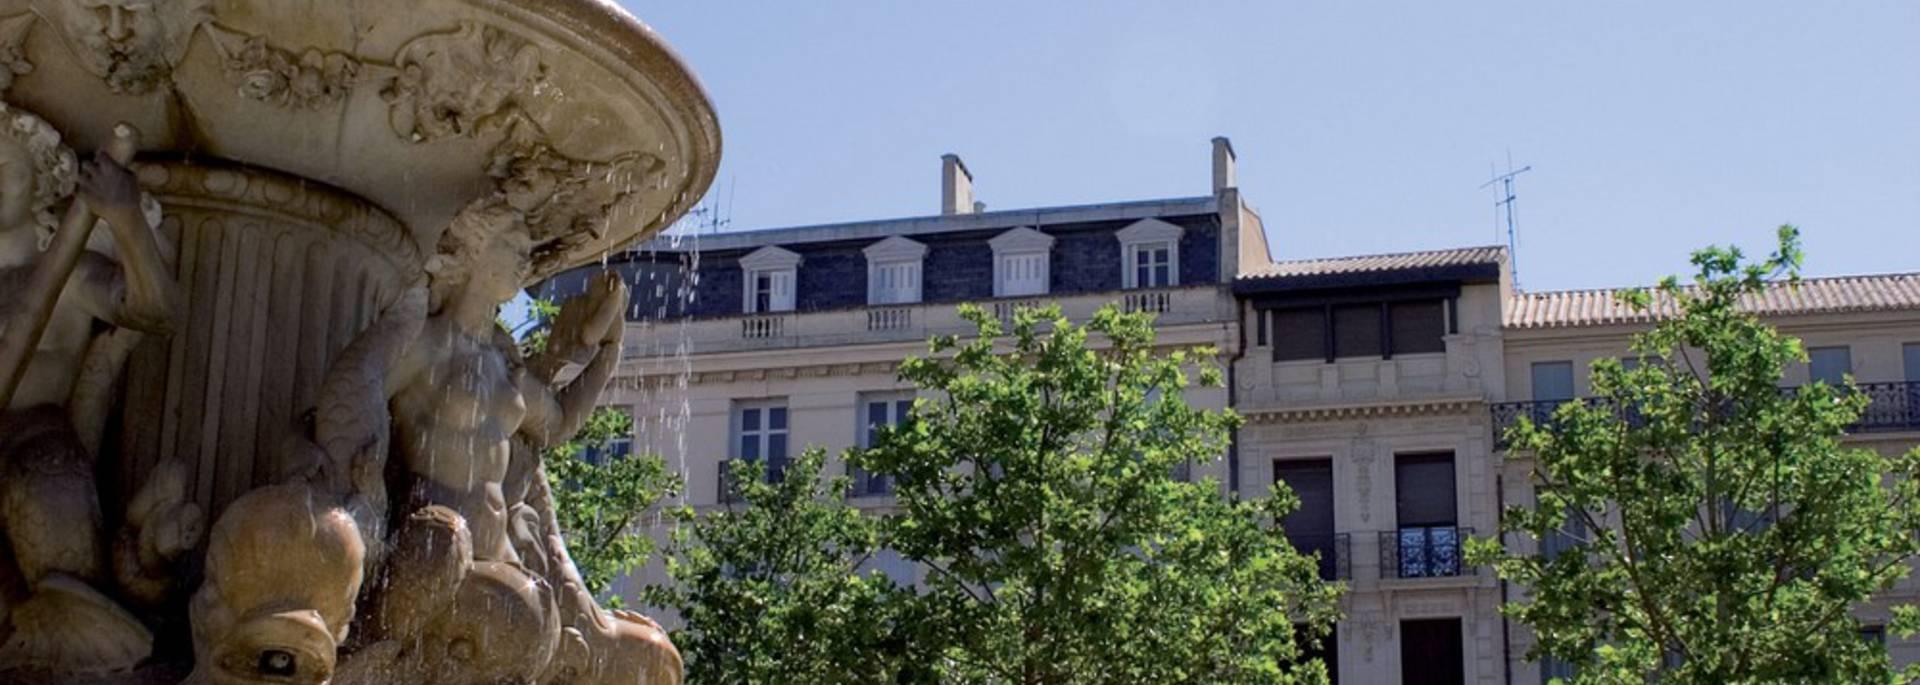 La fontaine de la place Carnot dans la ville basse de Carcassonne